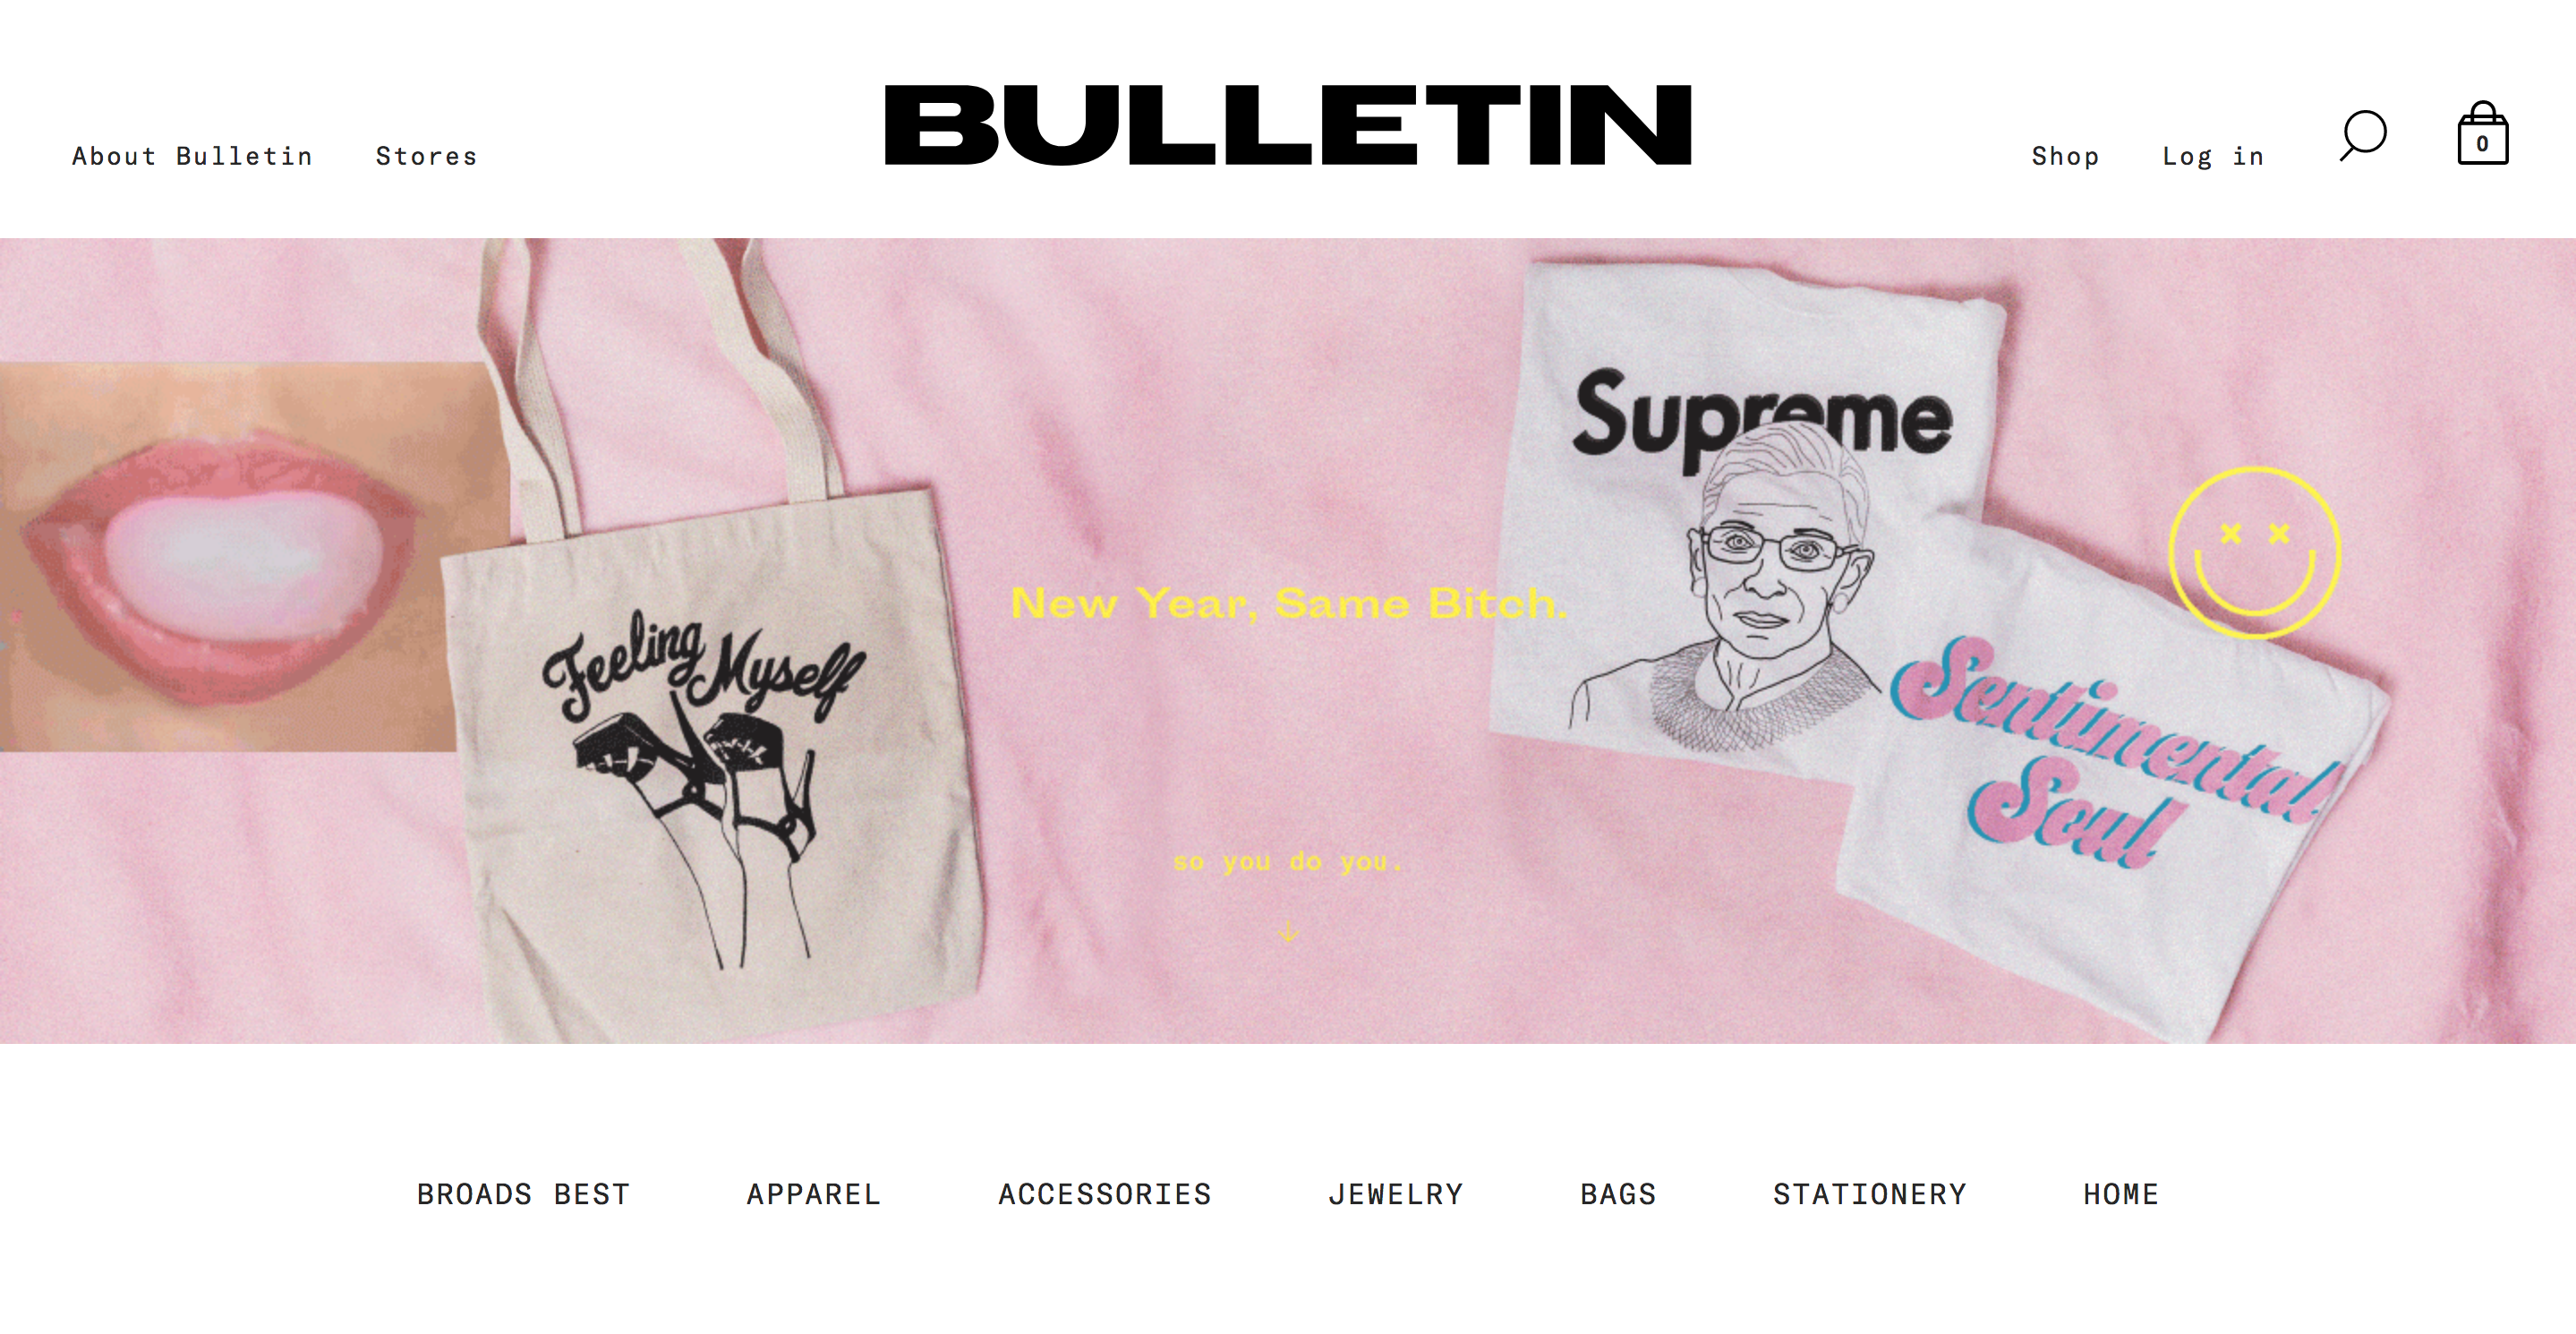 Shop online at Bulletin